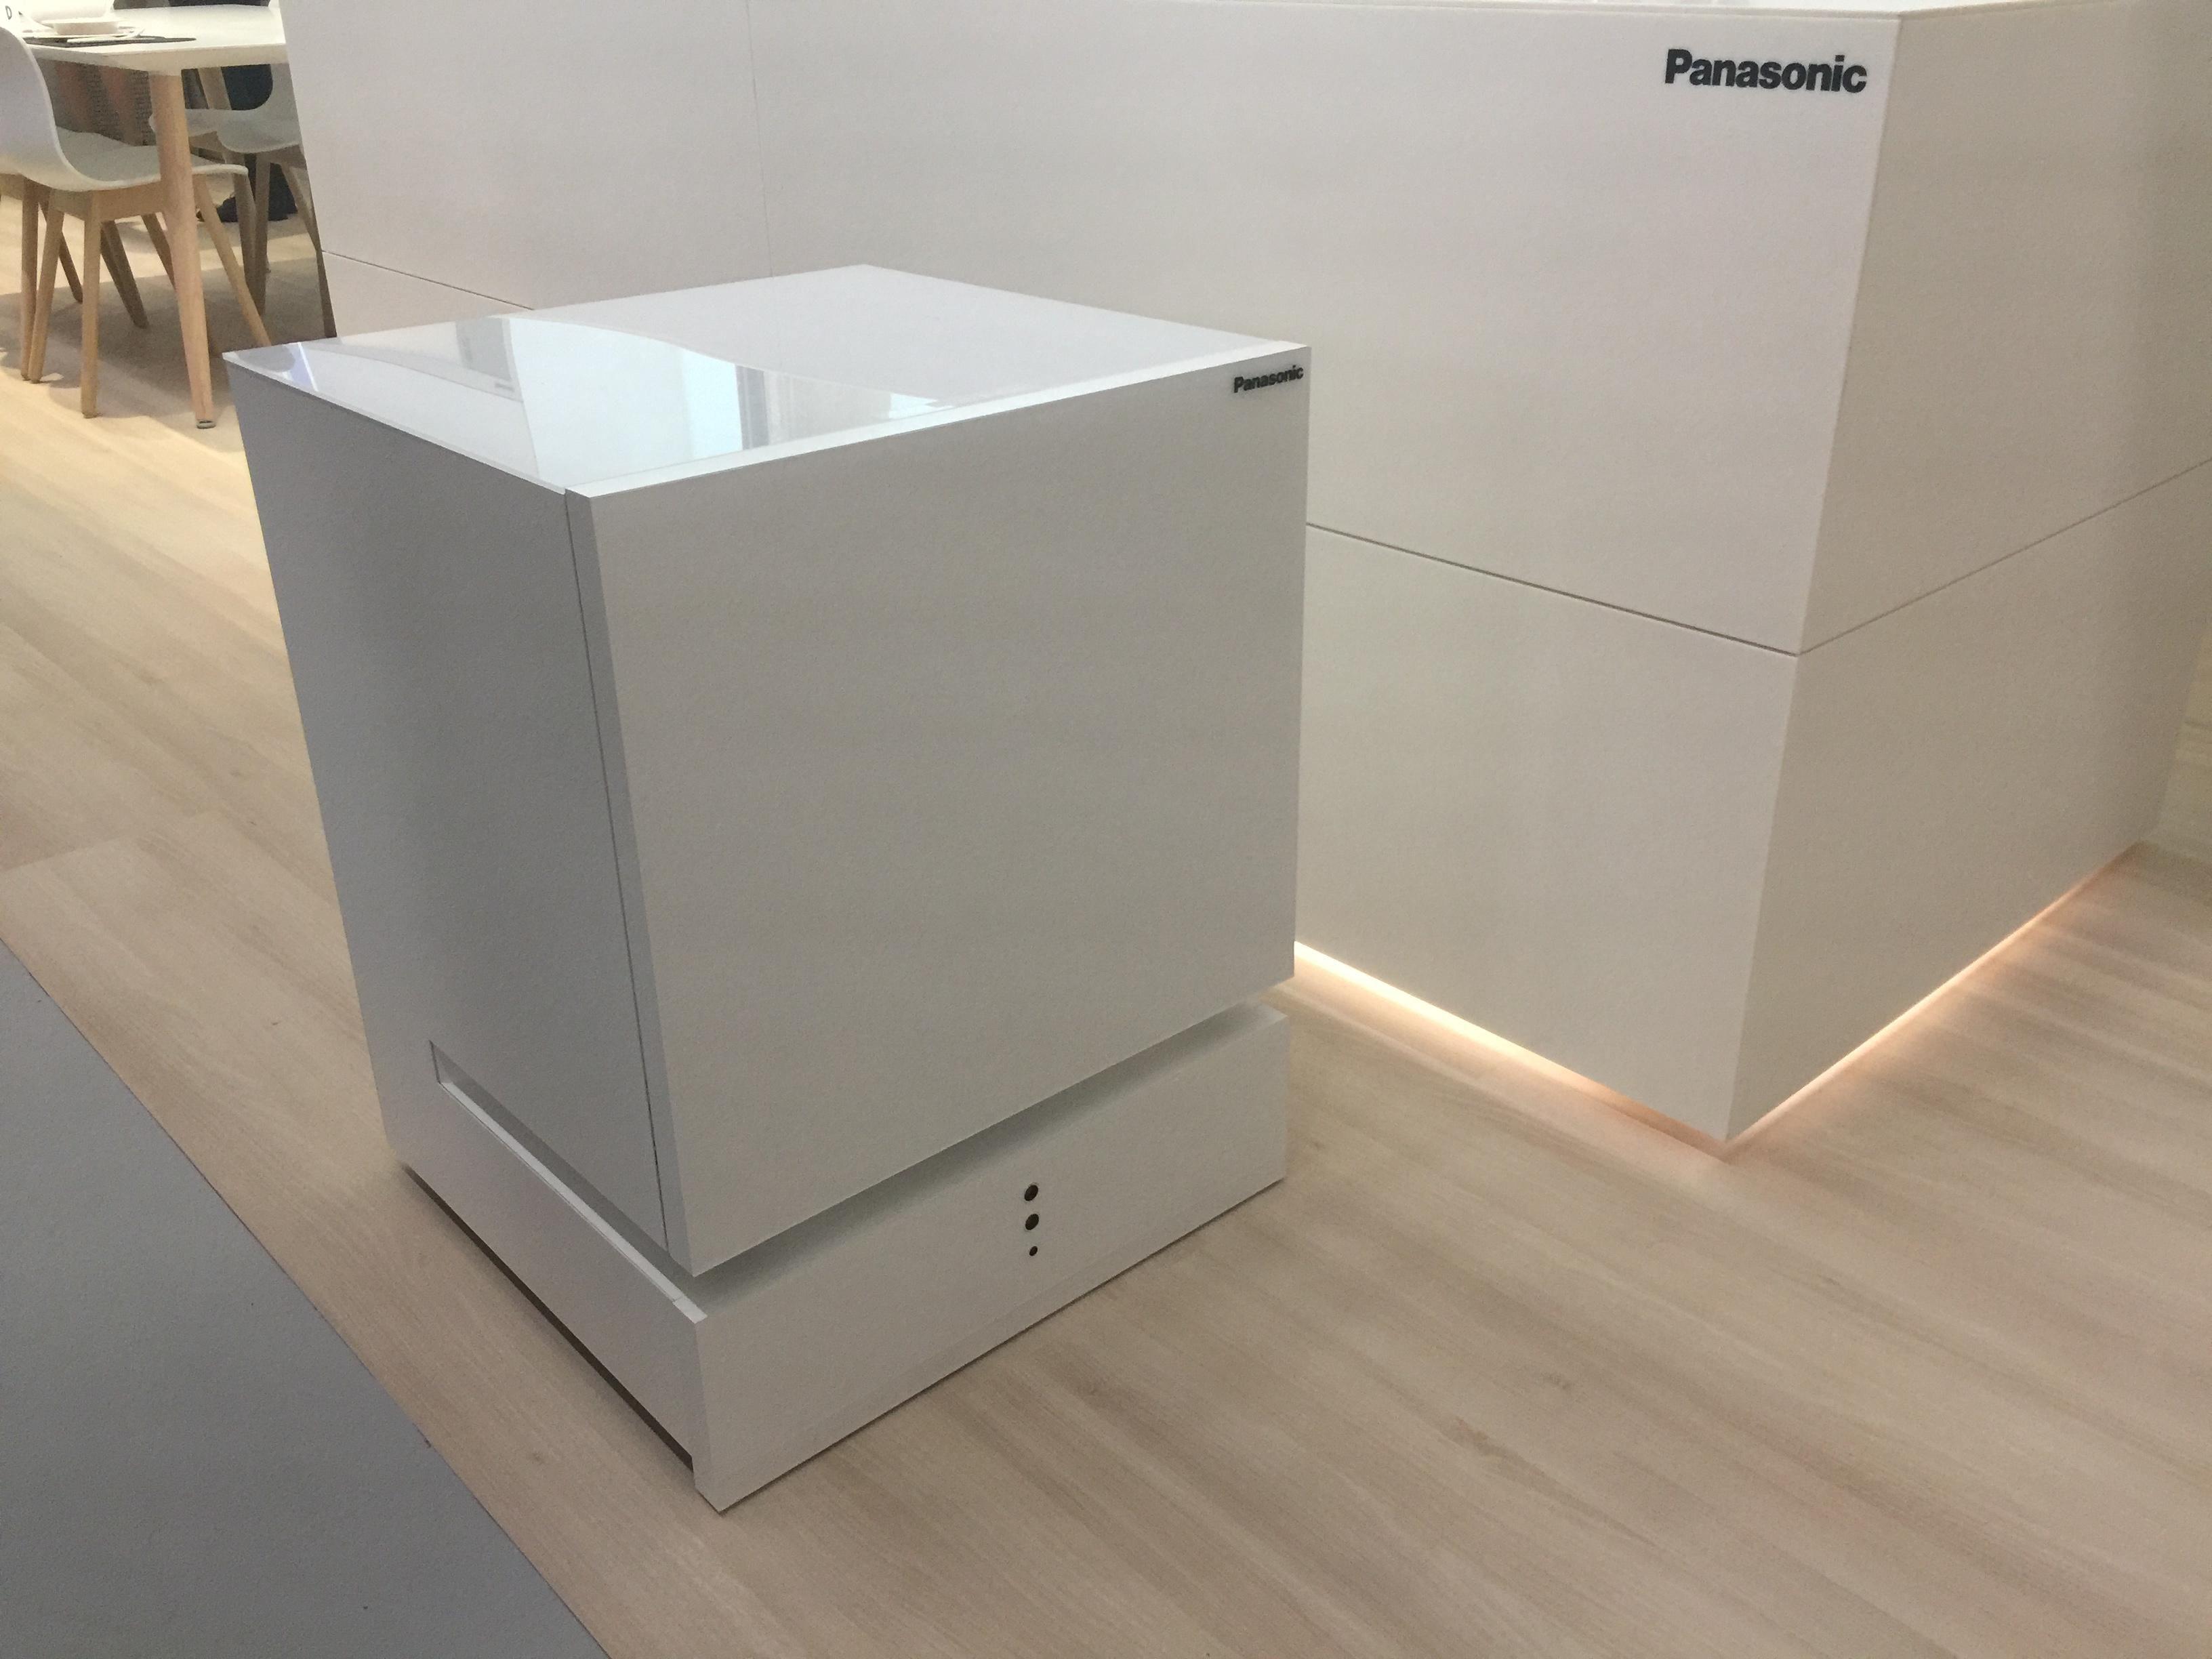 panasonic-movable-fridge-sake-cooler